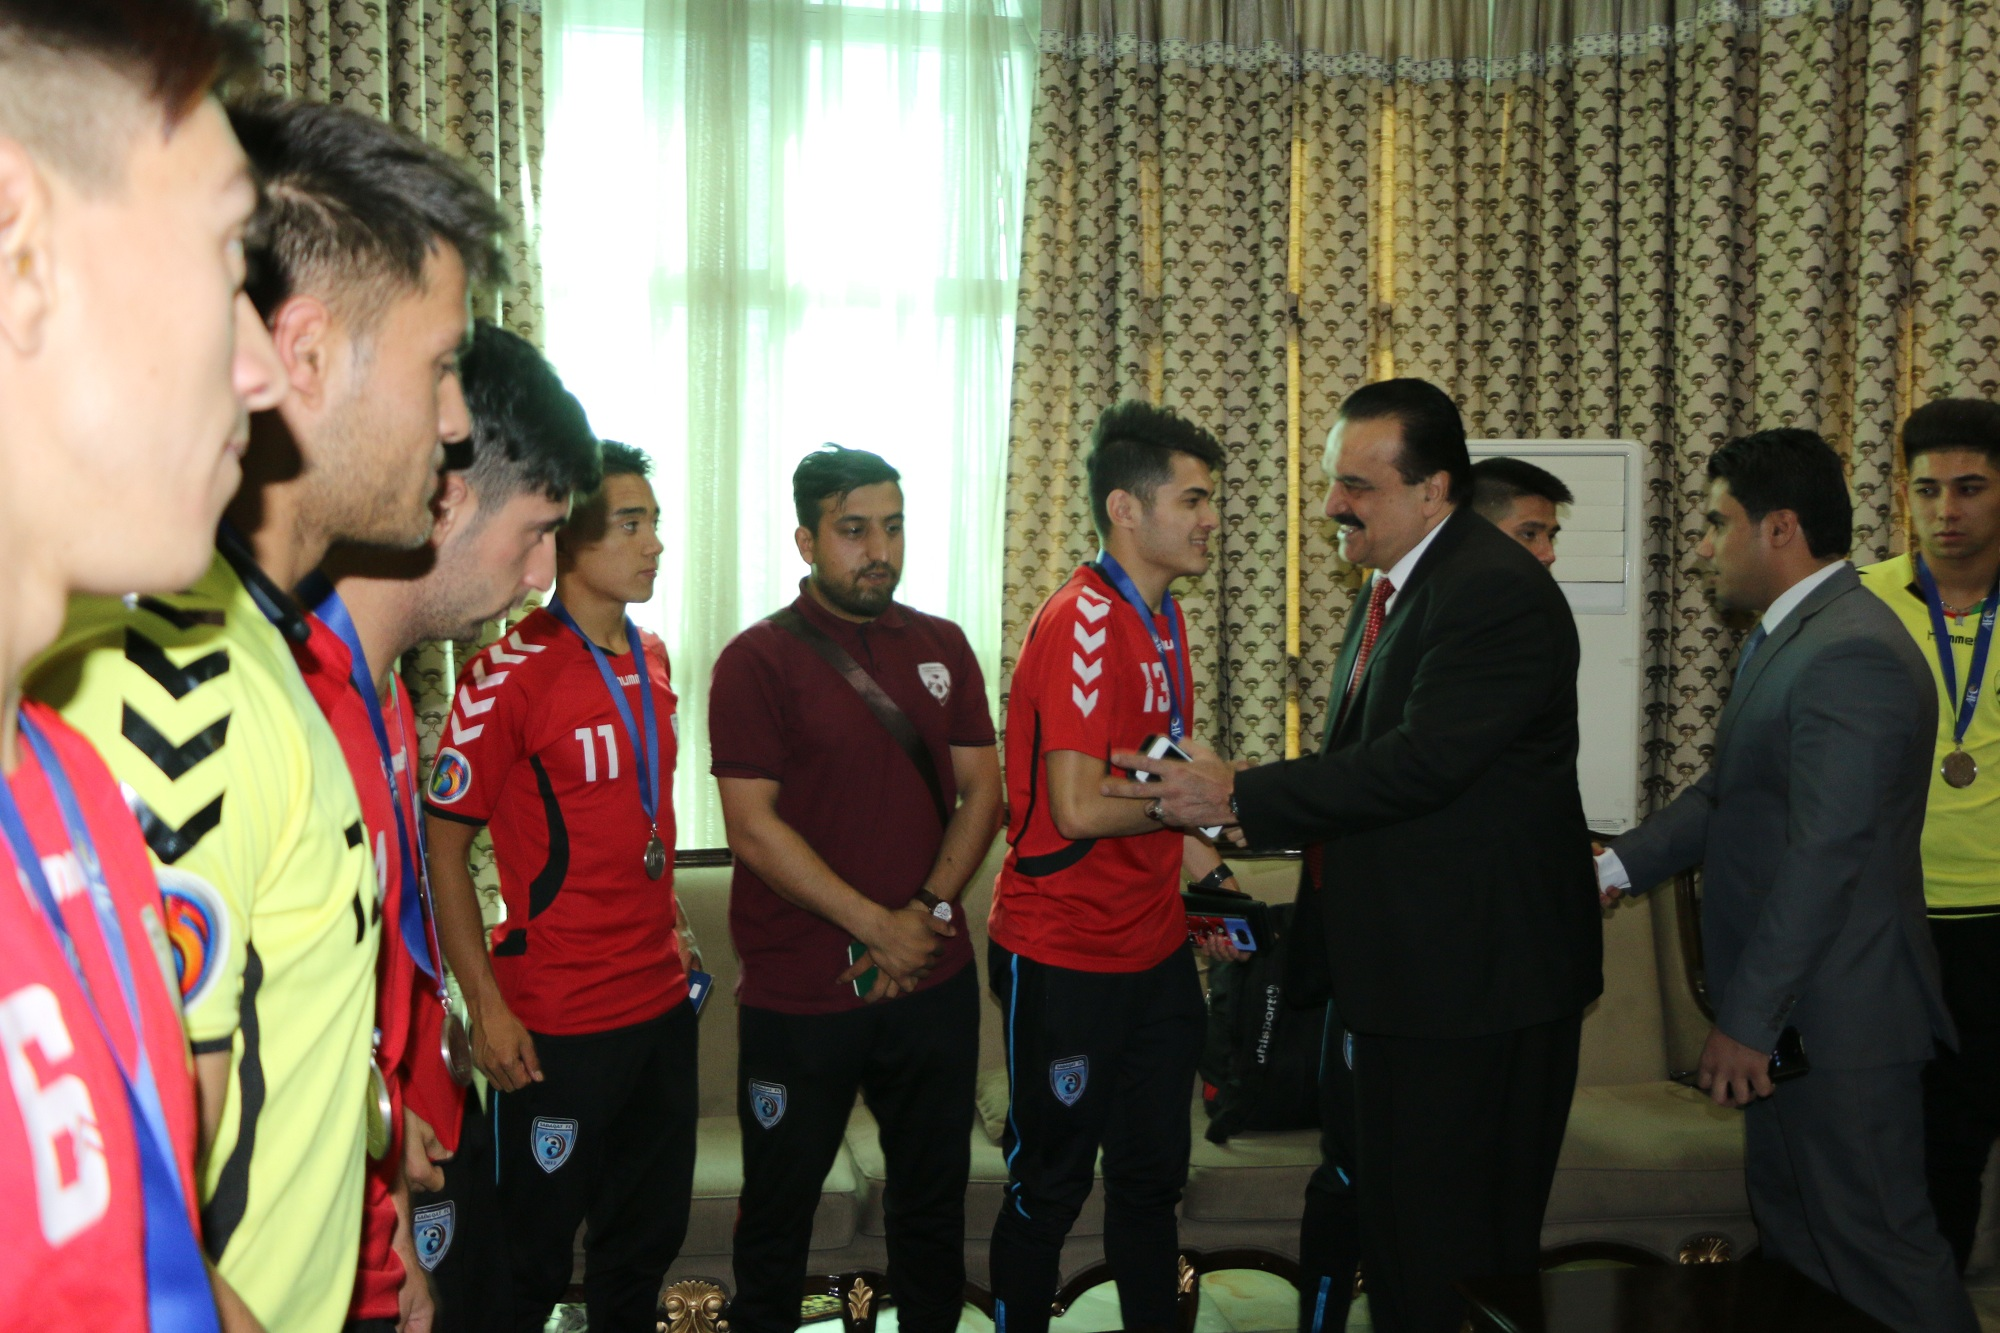 استقبال گرم و پرشکوه از بازگشت تیم فوتسال (نایب قهرمان آسیا)